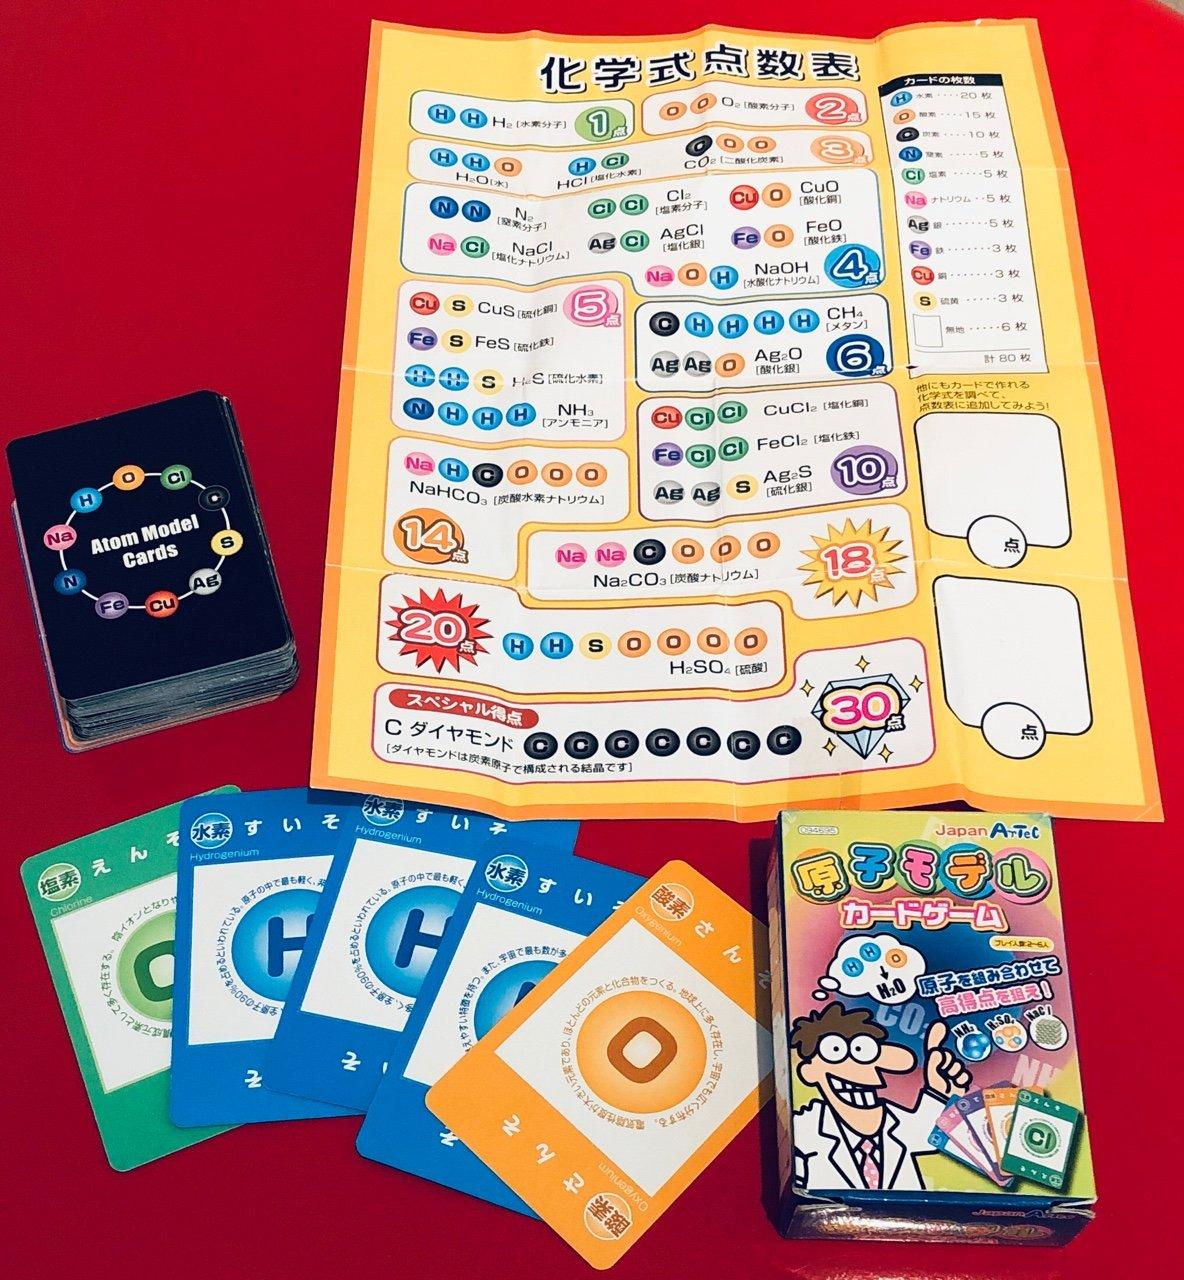 そういや似たようなカードゲーム持ってたなと思って引っ張り出す。値札に750円って書いてあるけど、Amazonだと393円、参考価格562円だった。  原子モデルカードゲーム | カードゲーム・トランプ | おもちゃ https://t.co/ItS6rlQNMx https://t.co/wkqW4p3ImF